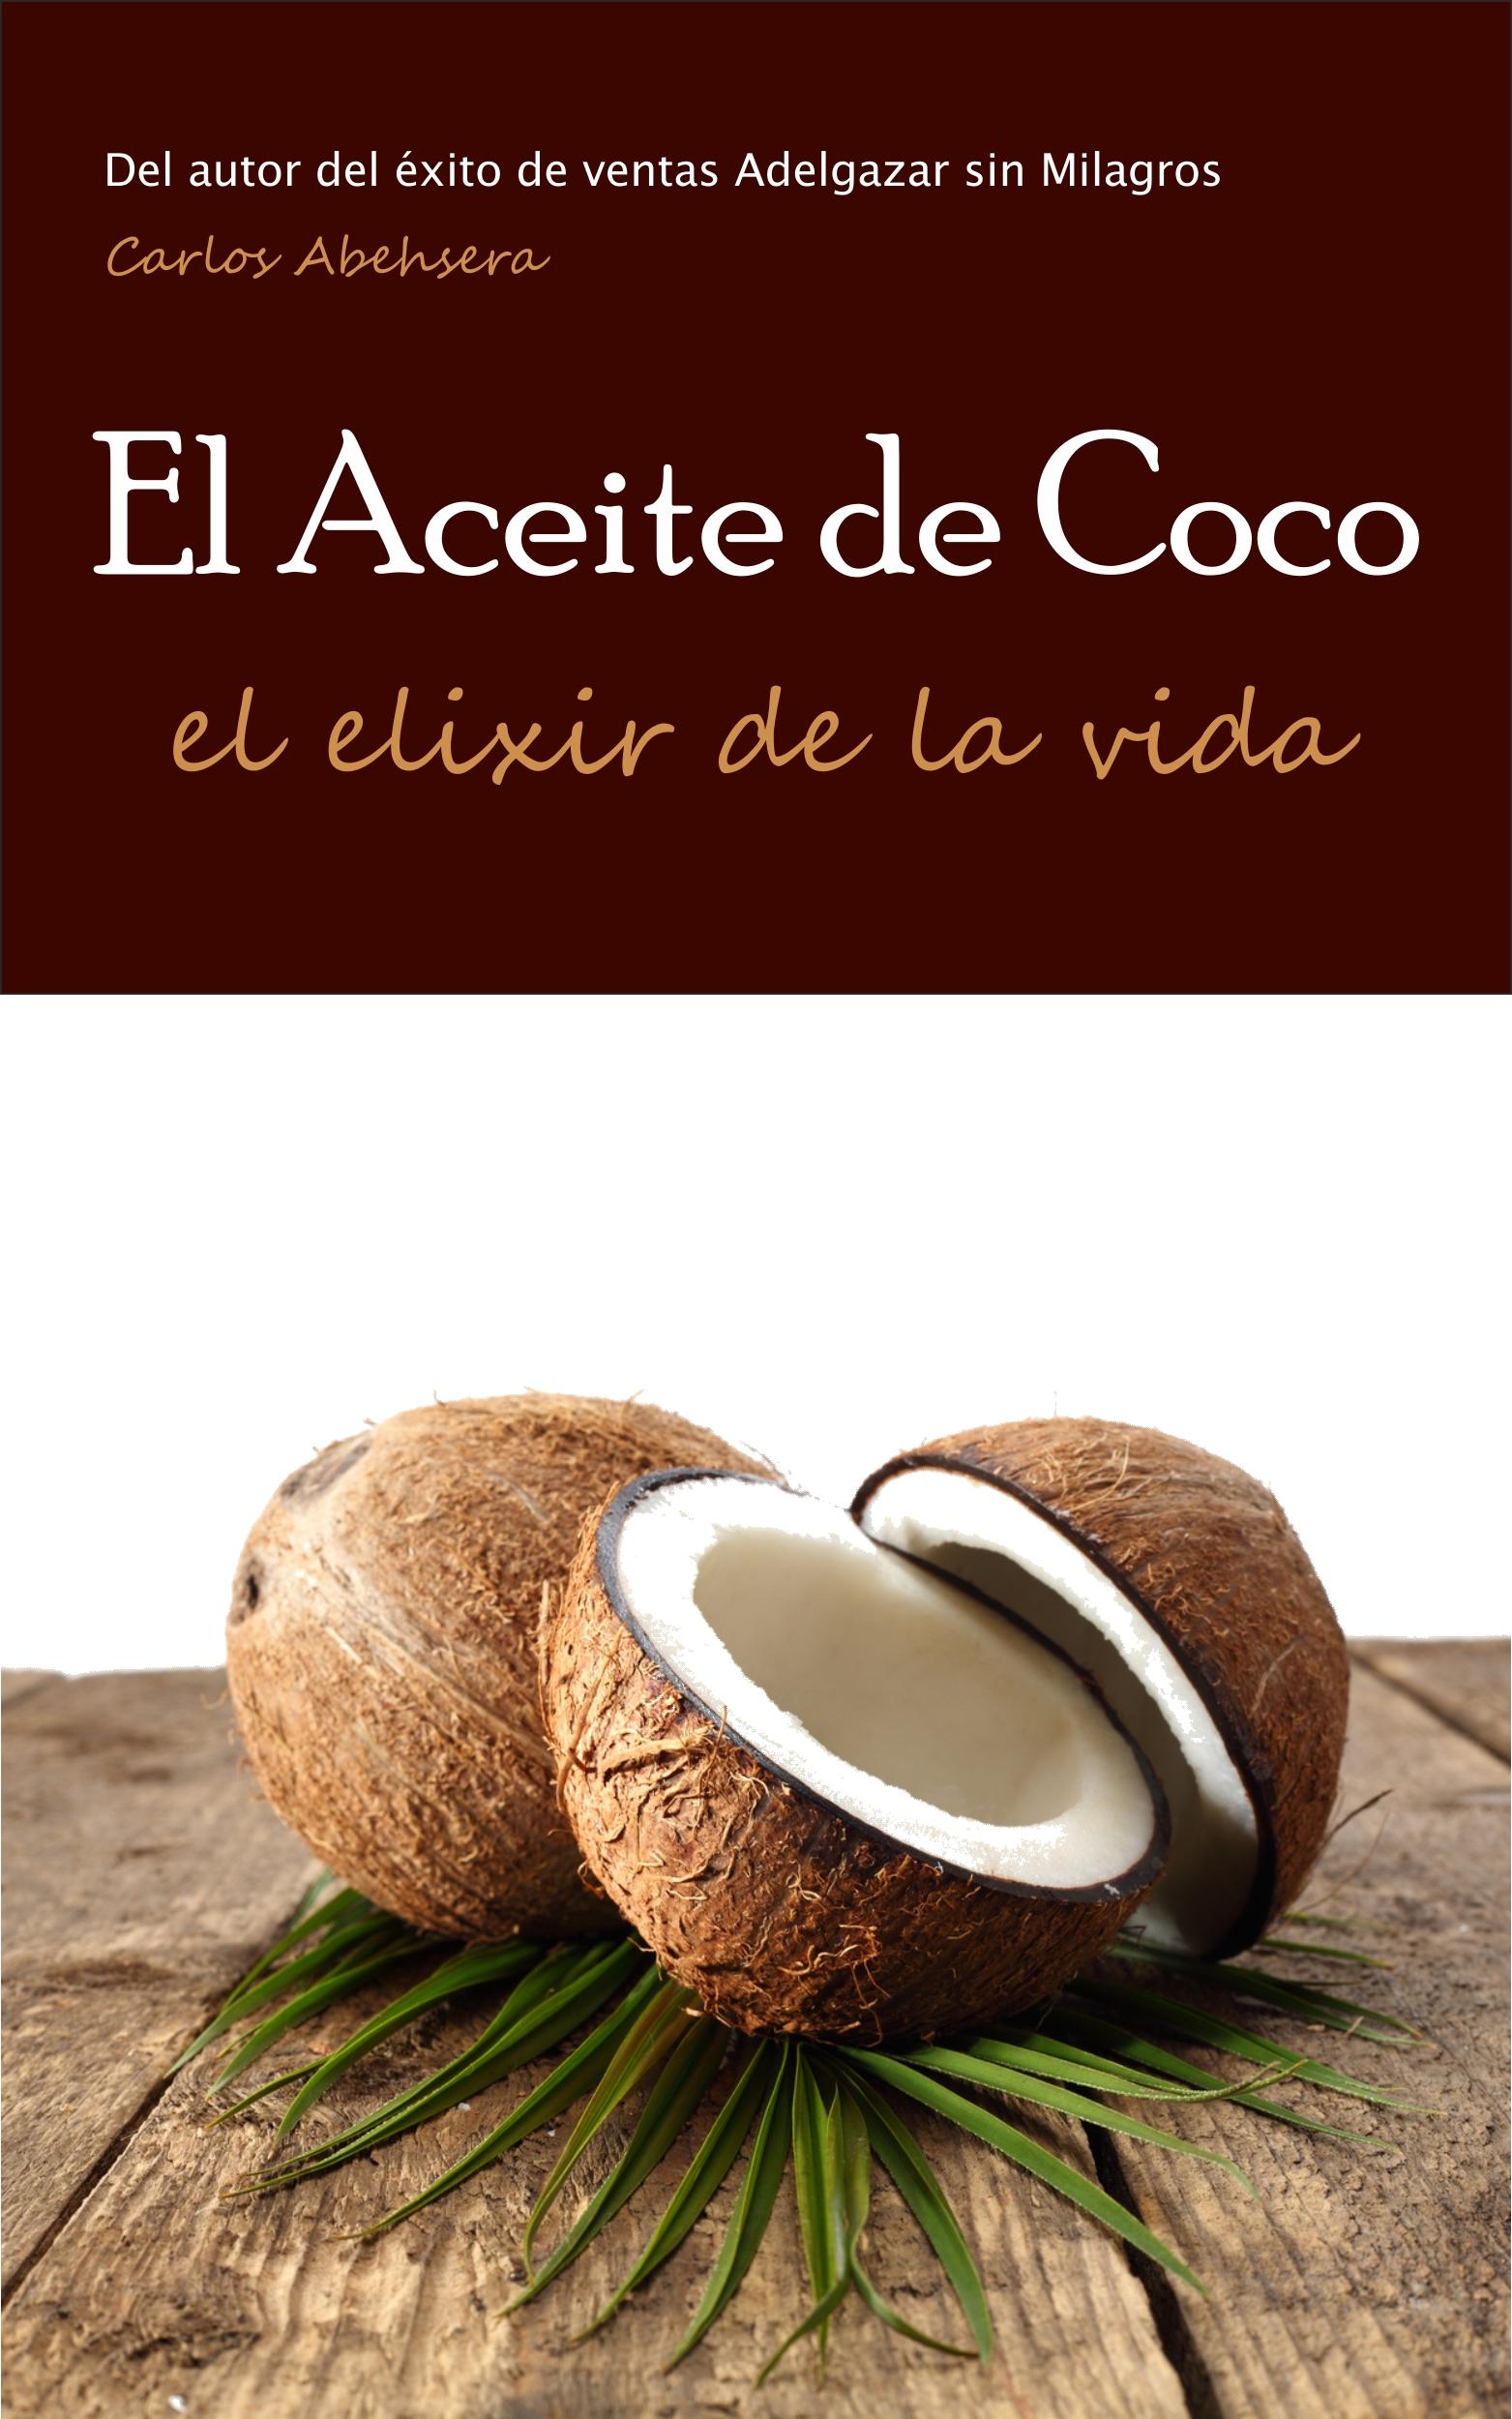 Como poner correctamente la máscara del cacao a los cabellos